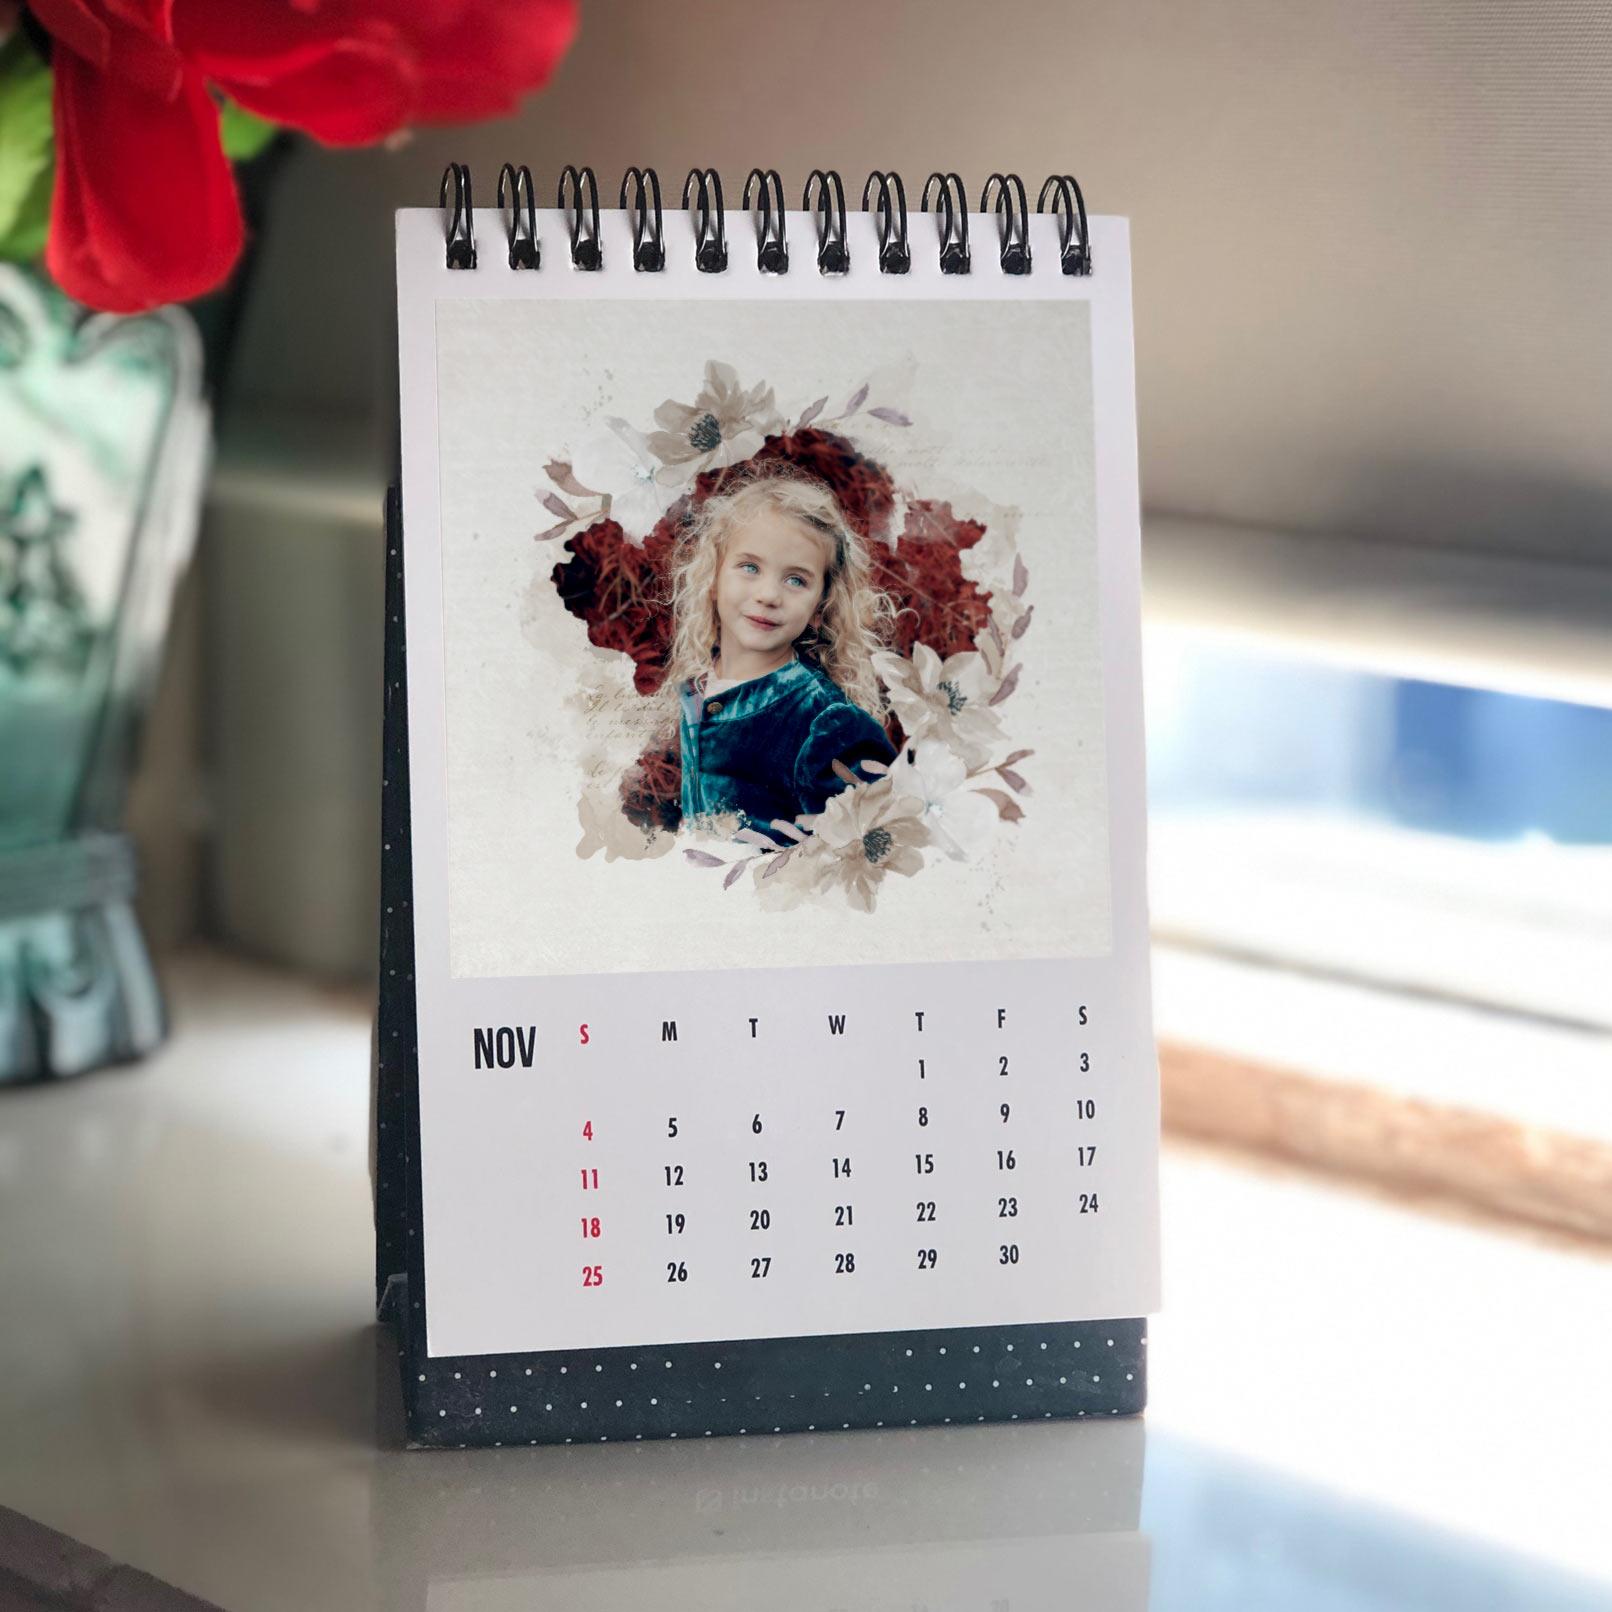 Foto eines Mädchens in einem Aquarell-Rahmen mit Blumenverzierungen, gedruckt auf einen Fotokalender